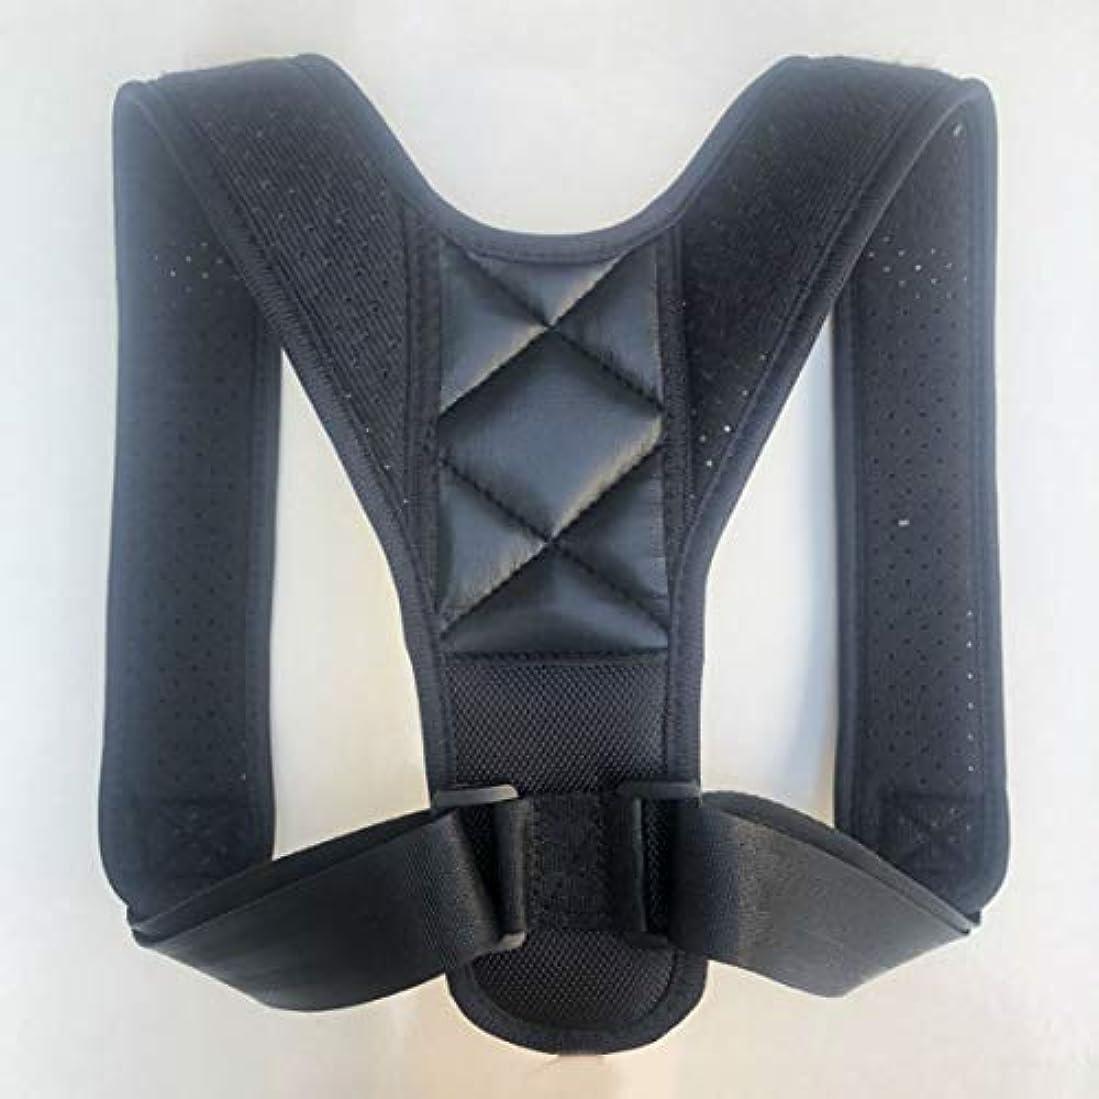 出発鎮痛剤主張するアッパーバックポスチャーコレクター姿勢鎖骨サポートコレクターバックストレートショルダーブレースストラップコレクター - ブラック